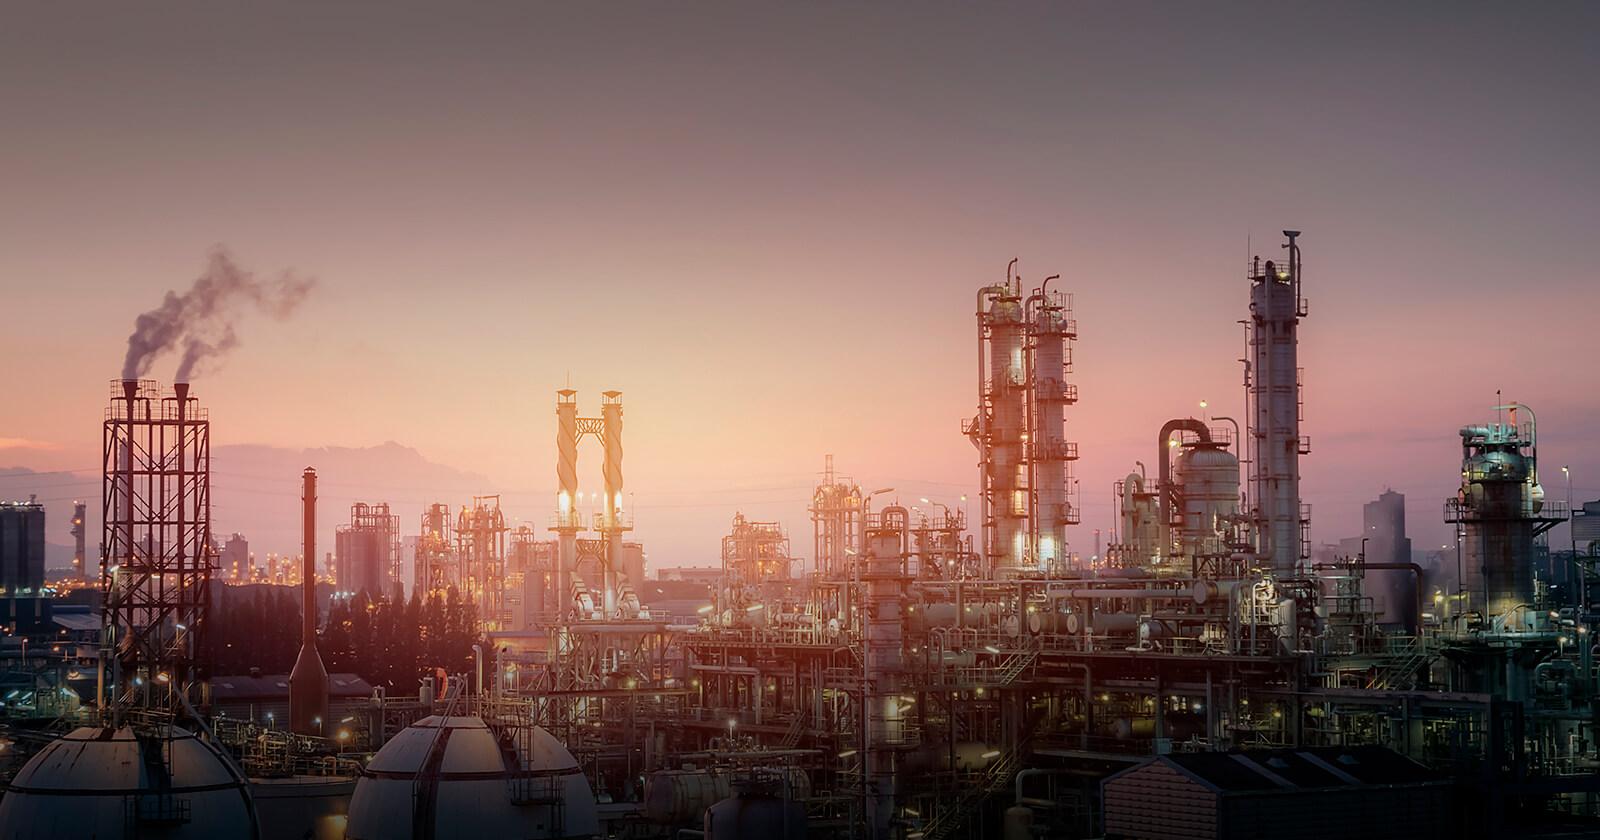 Ec regulacion de midstream y downstream de hidrocarburos  1